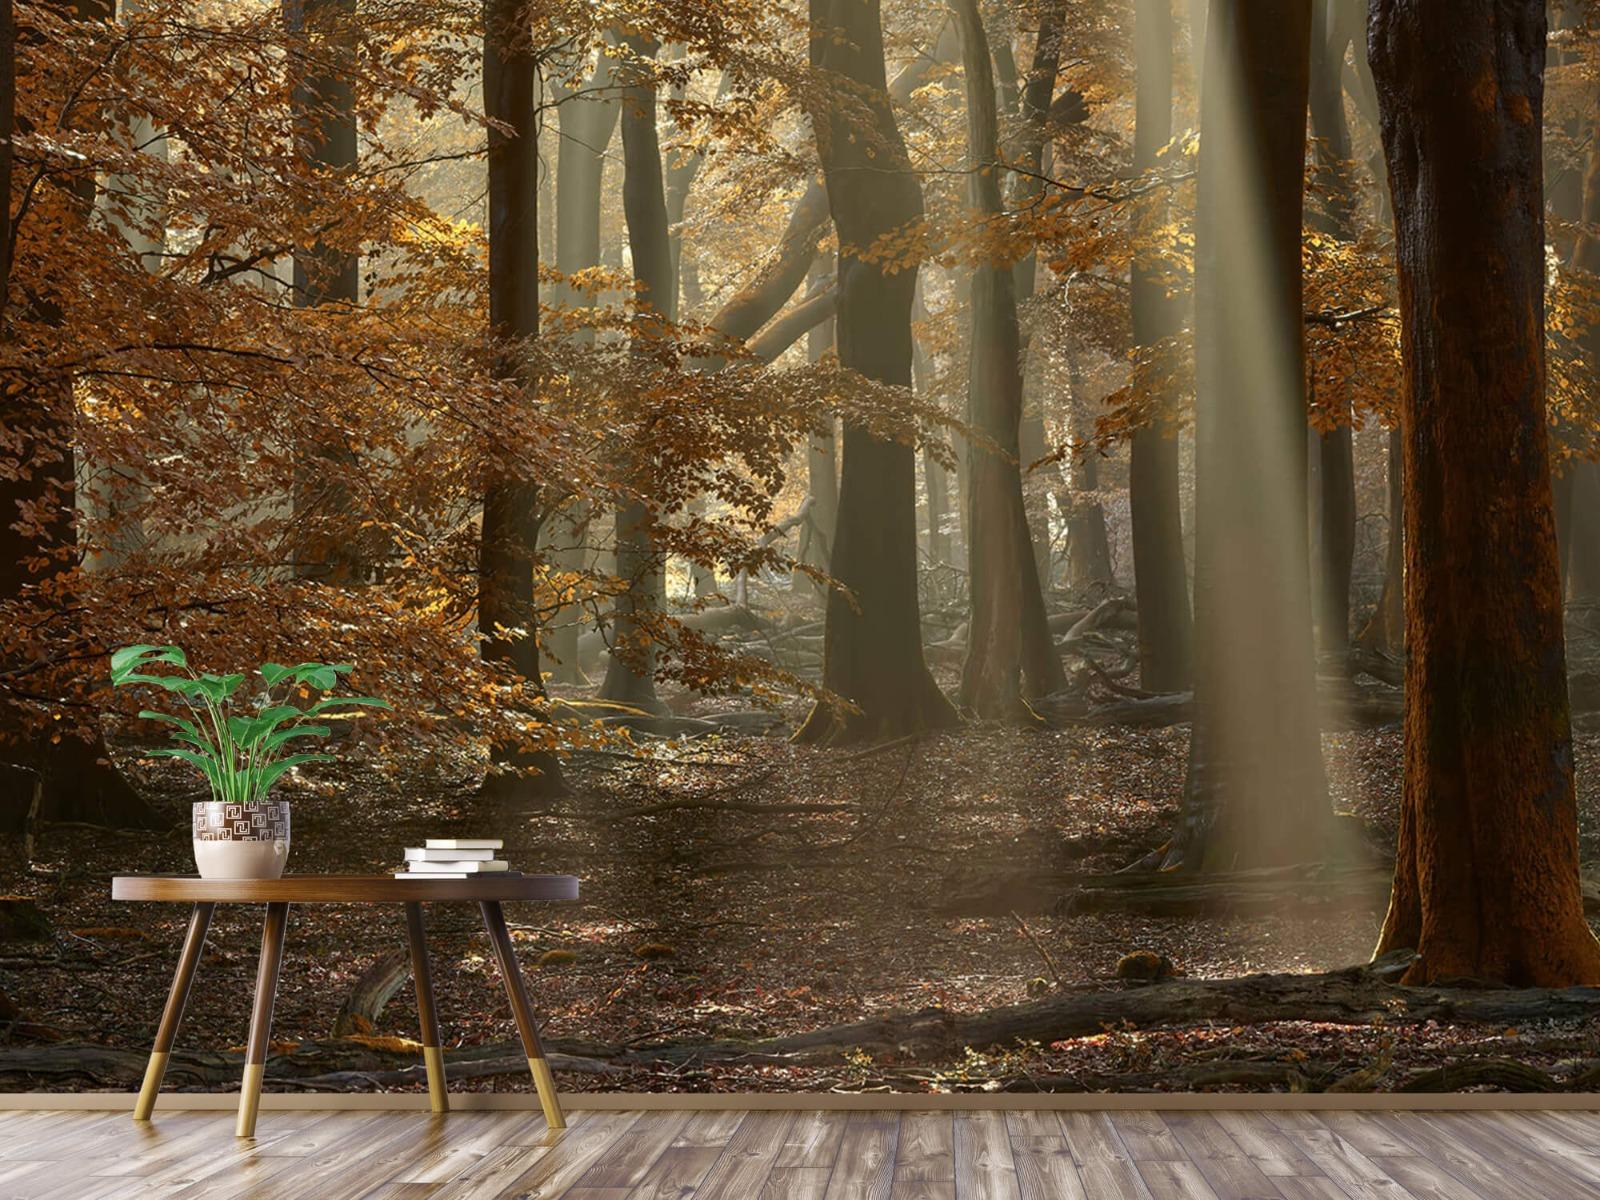 Bos behang - Herfstkleuren in het bos - Slaapkamer 7